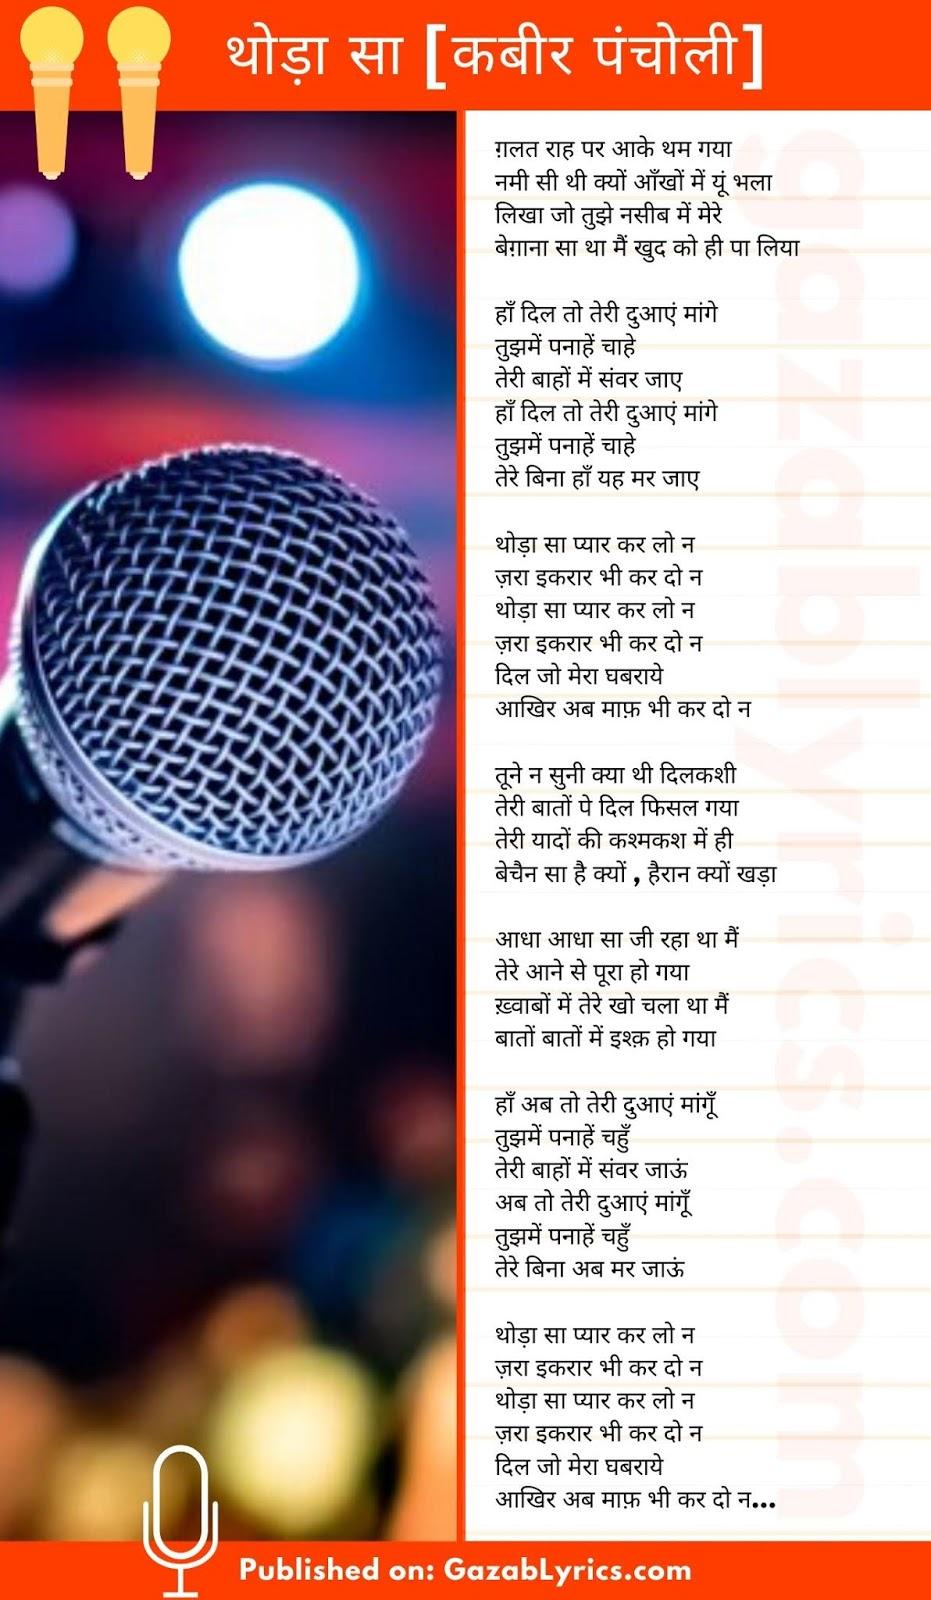 Thoda Sa song lyrics image